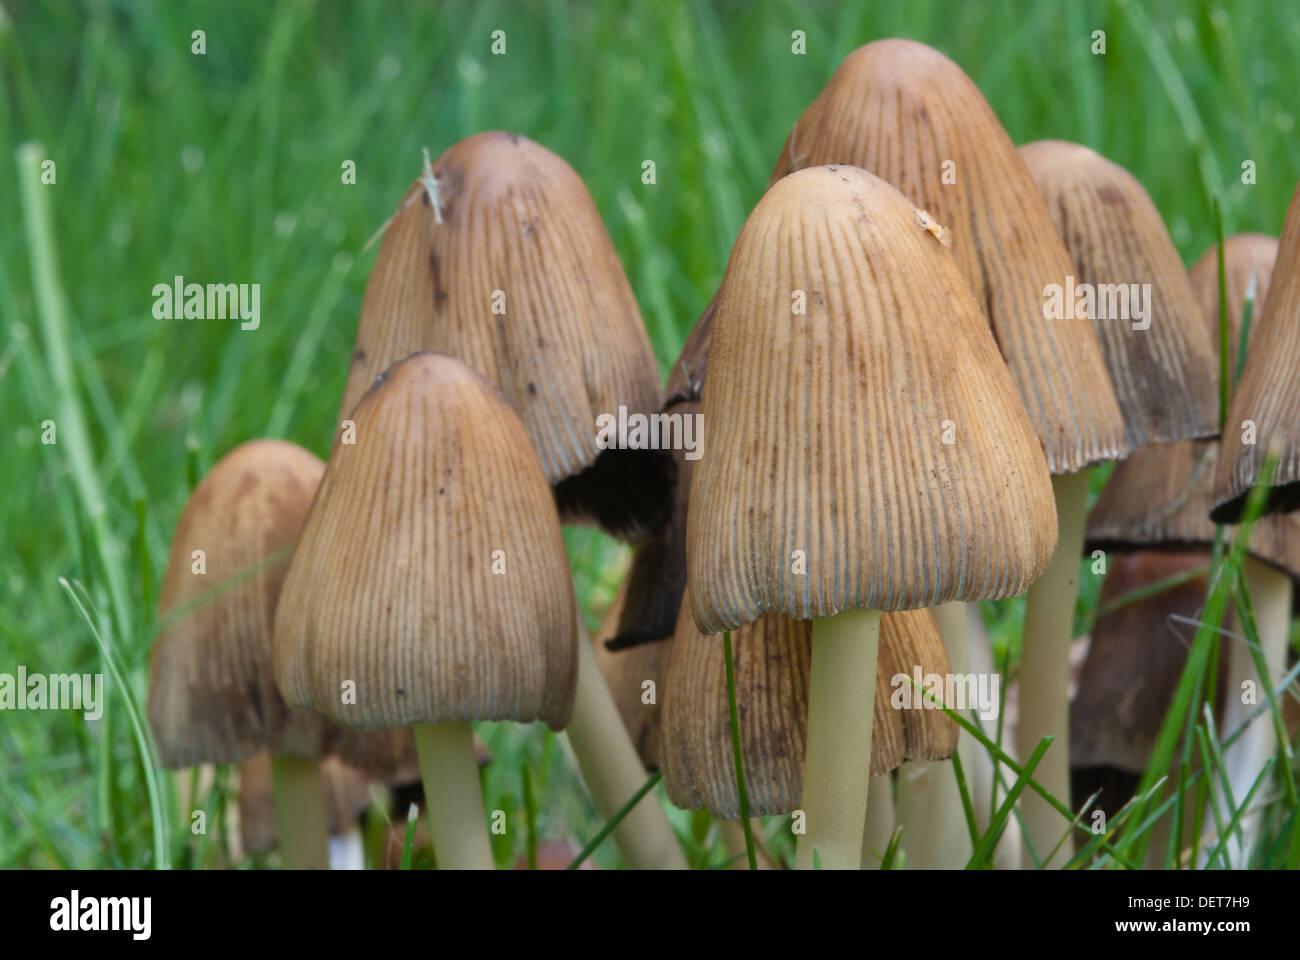 lawn mushroom mushrooms stock photos u0026 lawn mushroom mushrooms